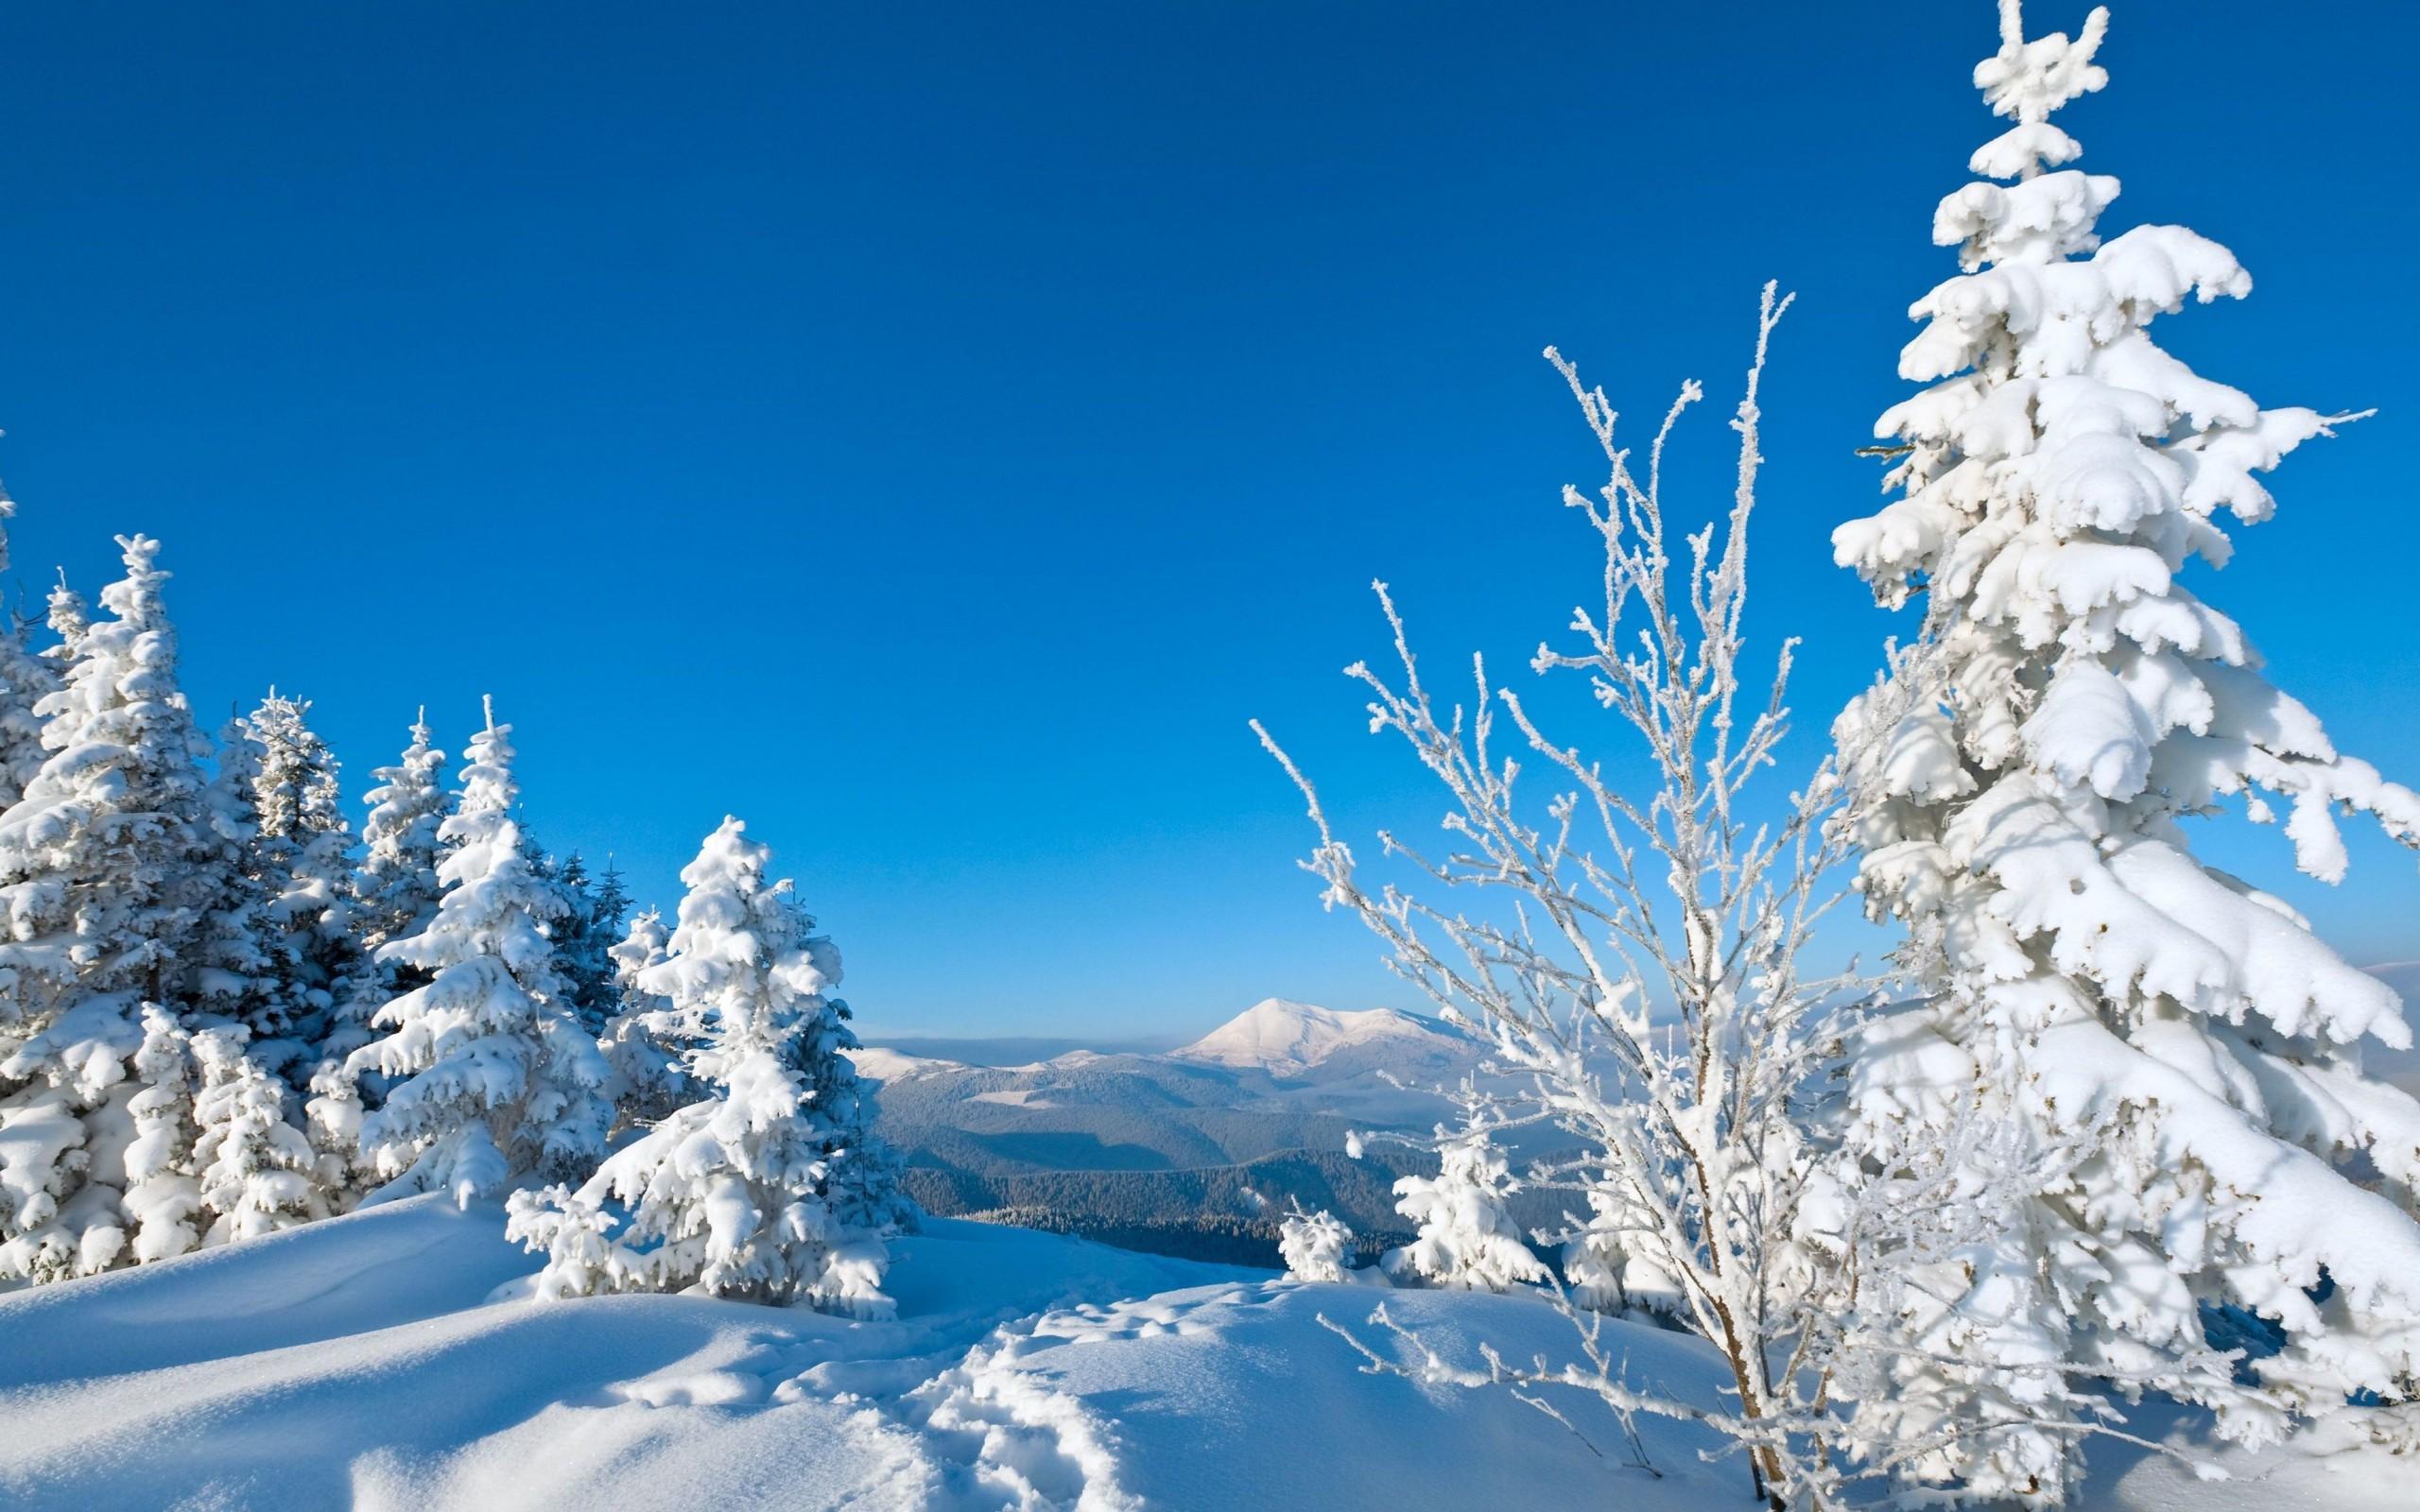 Картинки зимы на рабочий стол красивые большие на весь экран